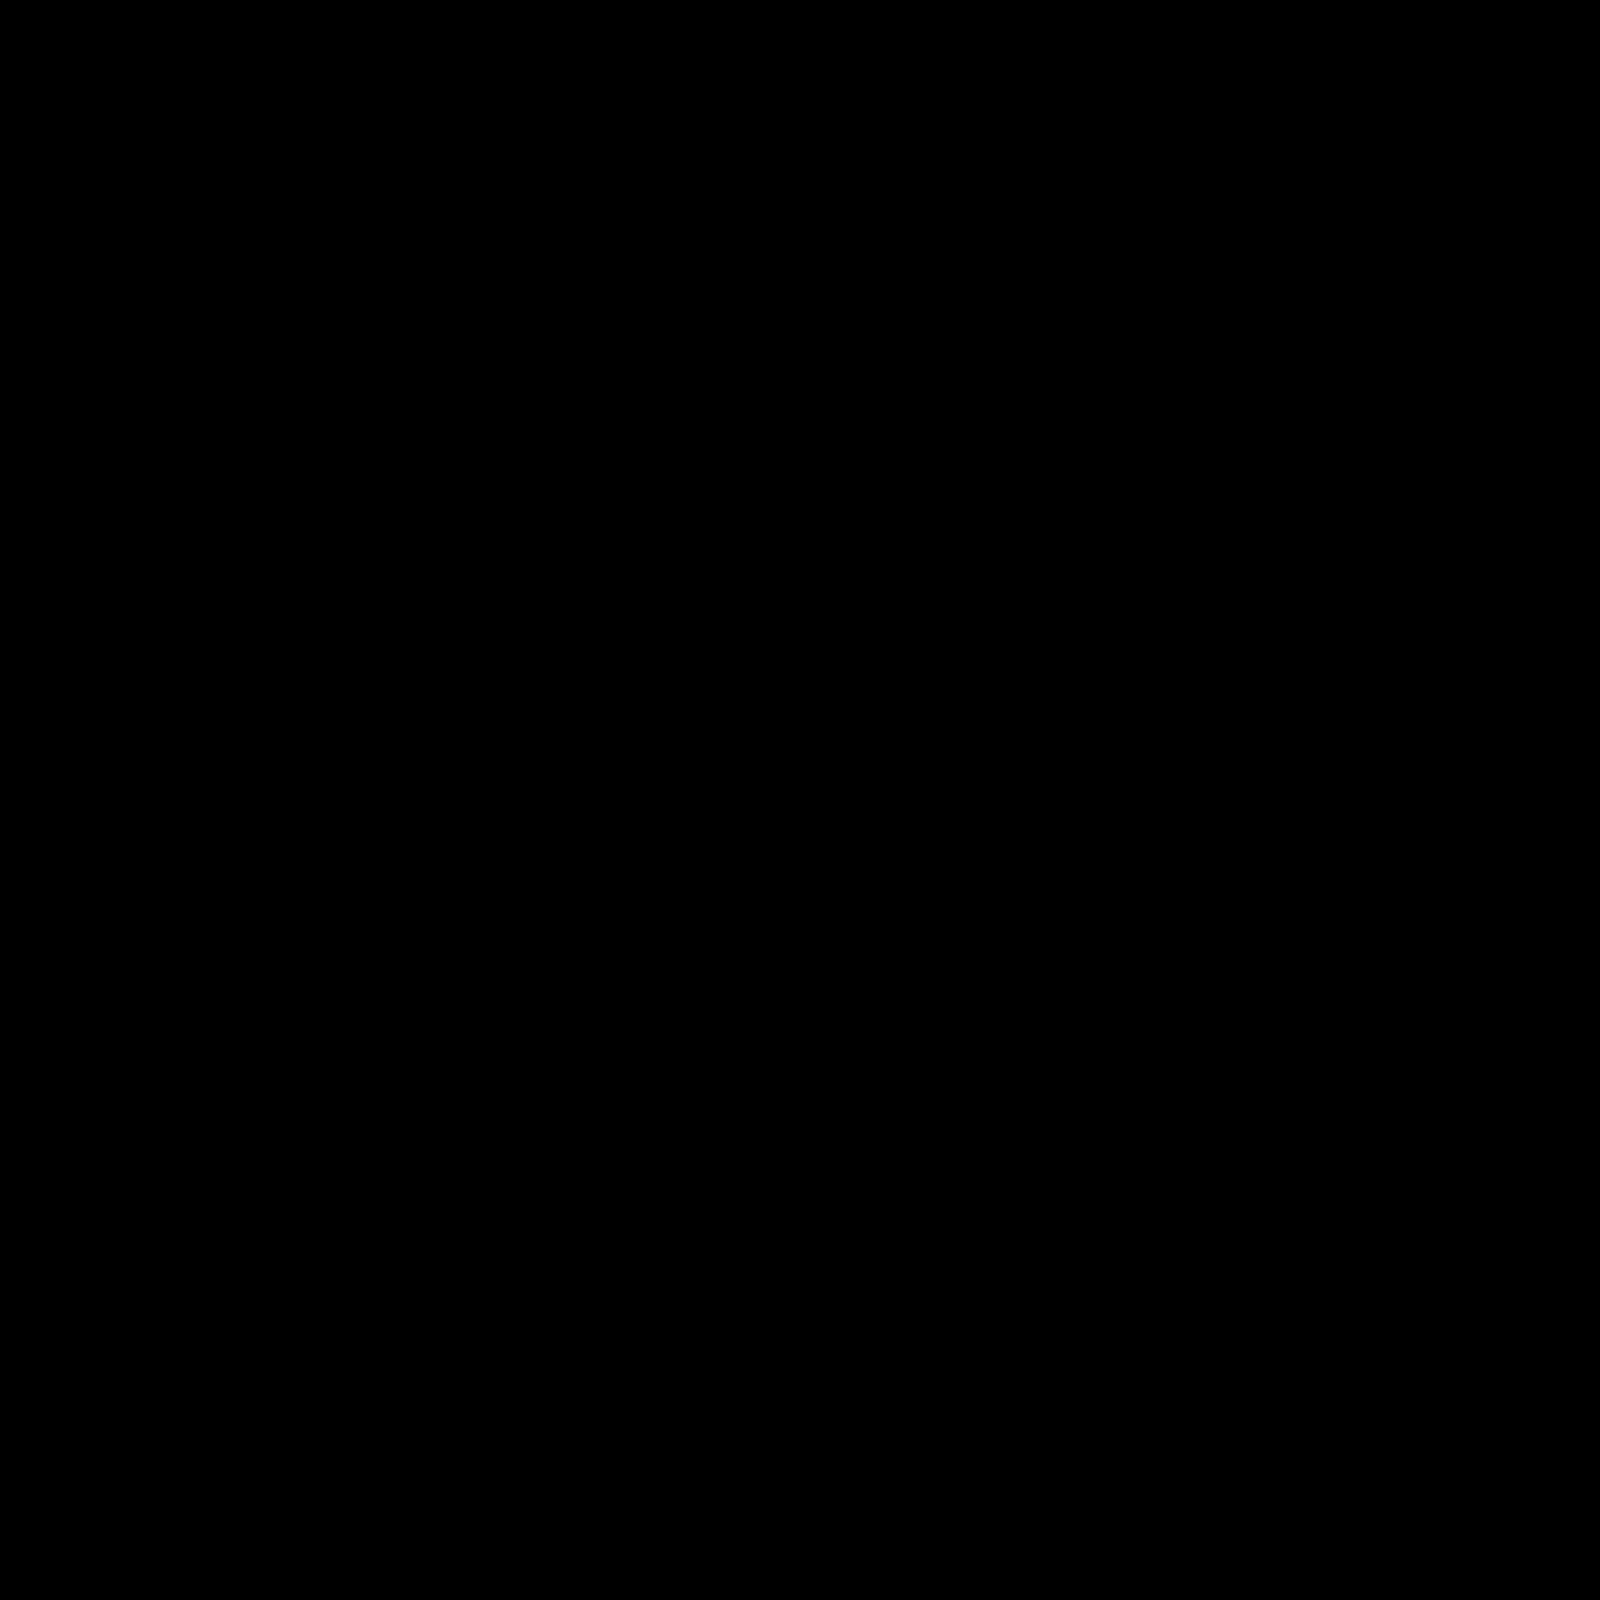 MEK Quake icon